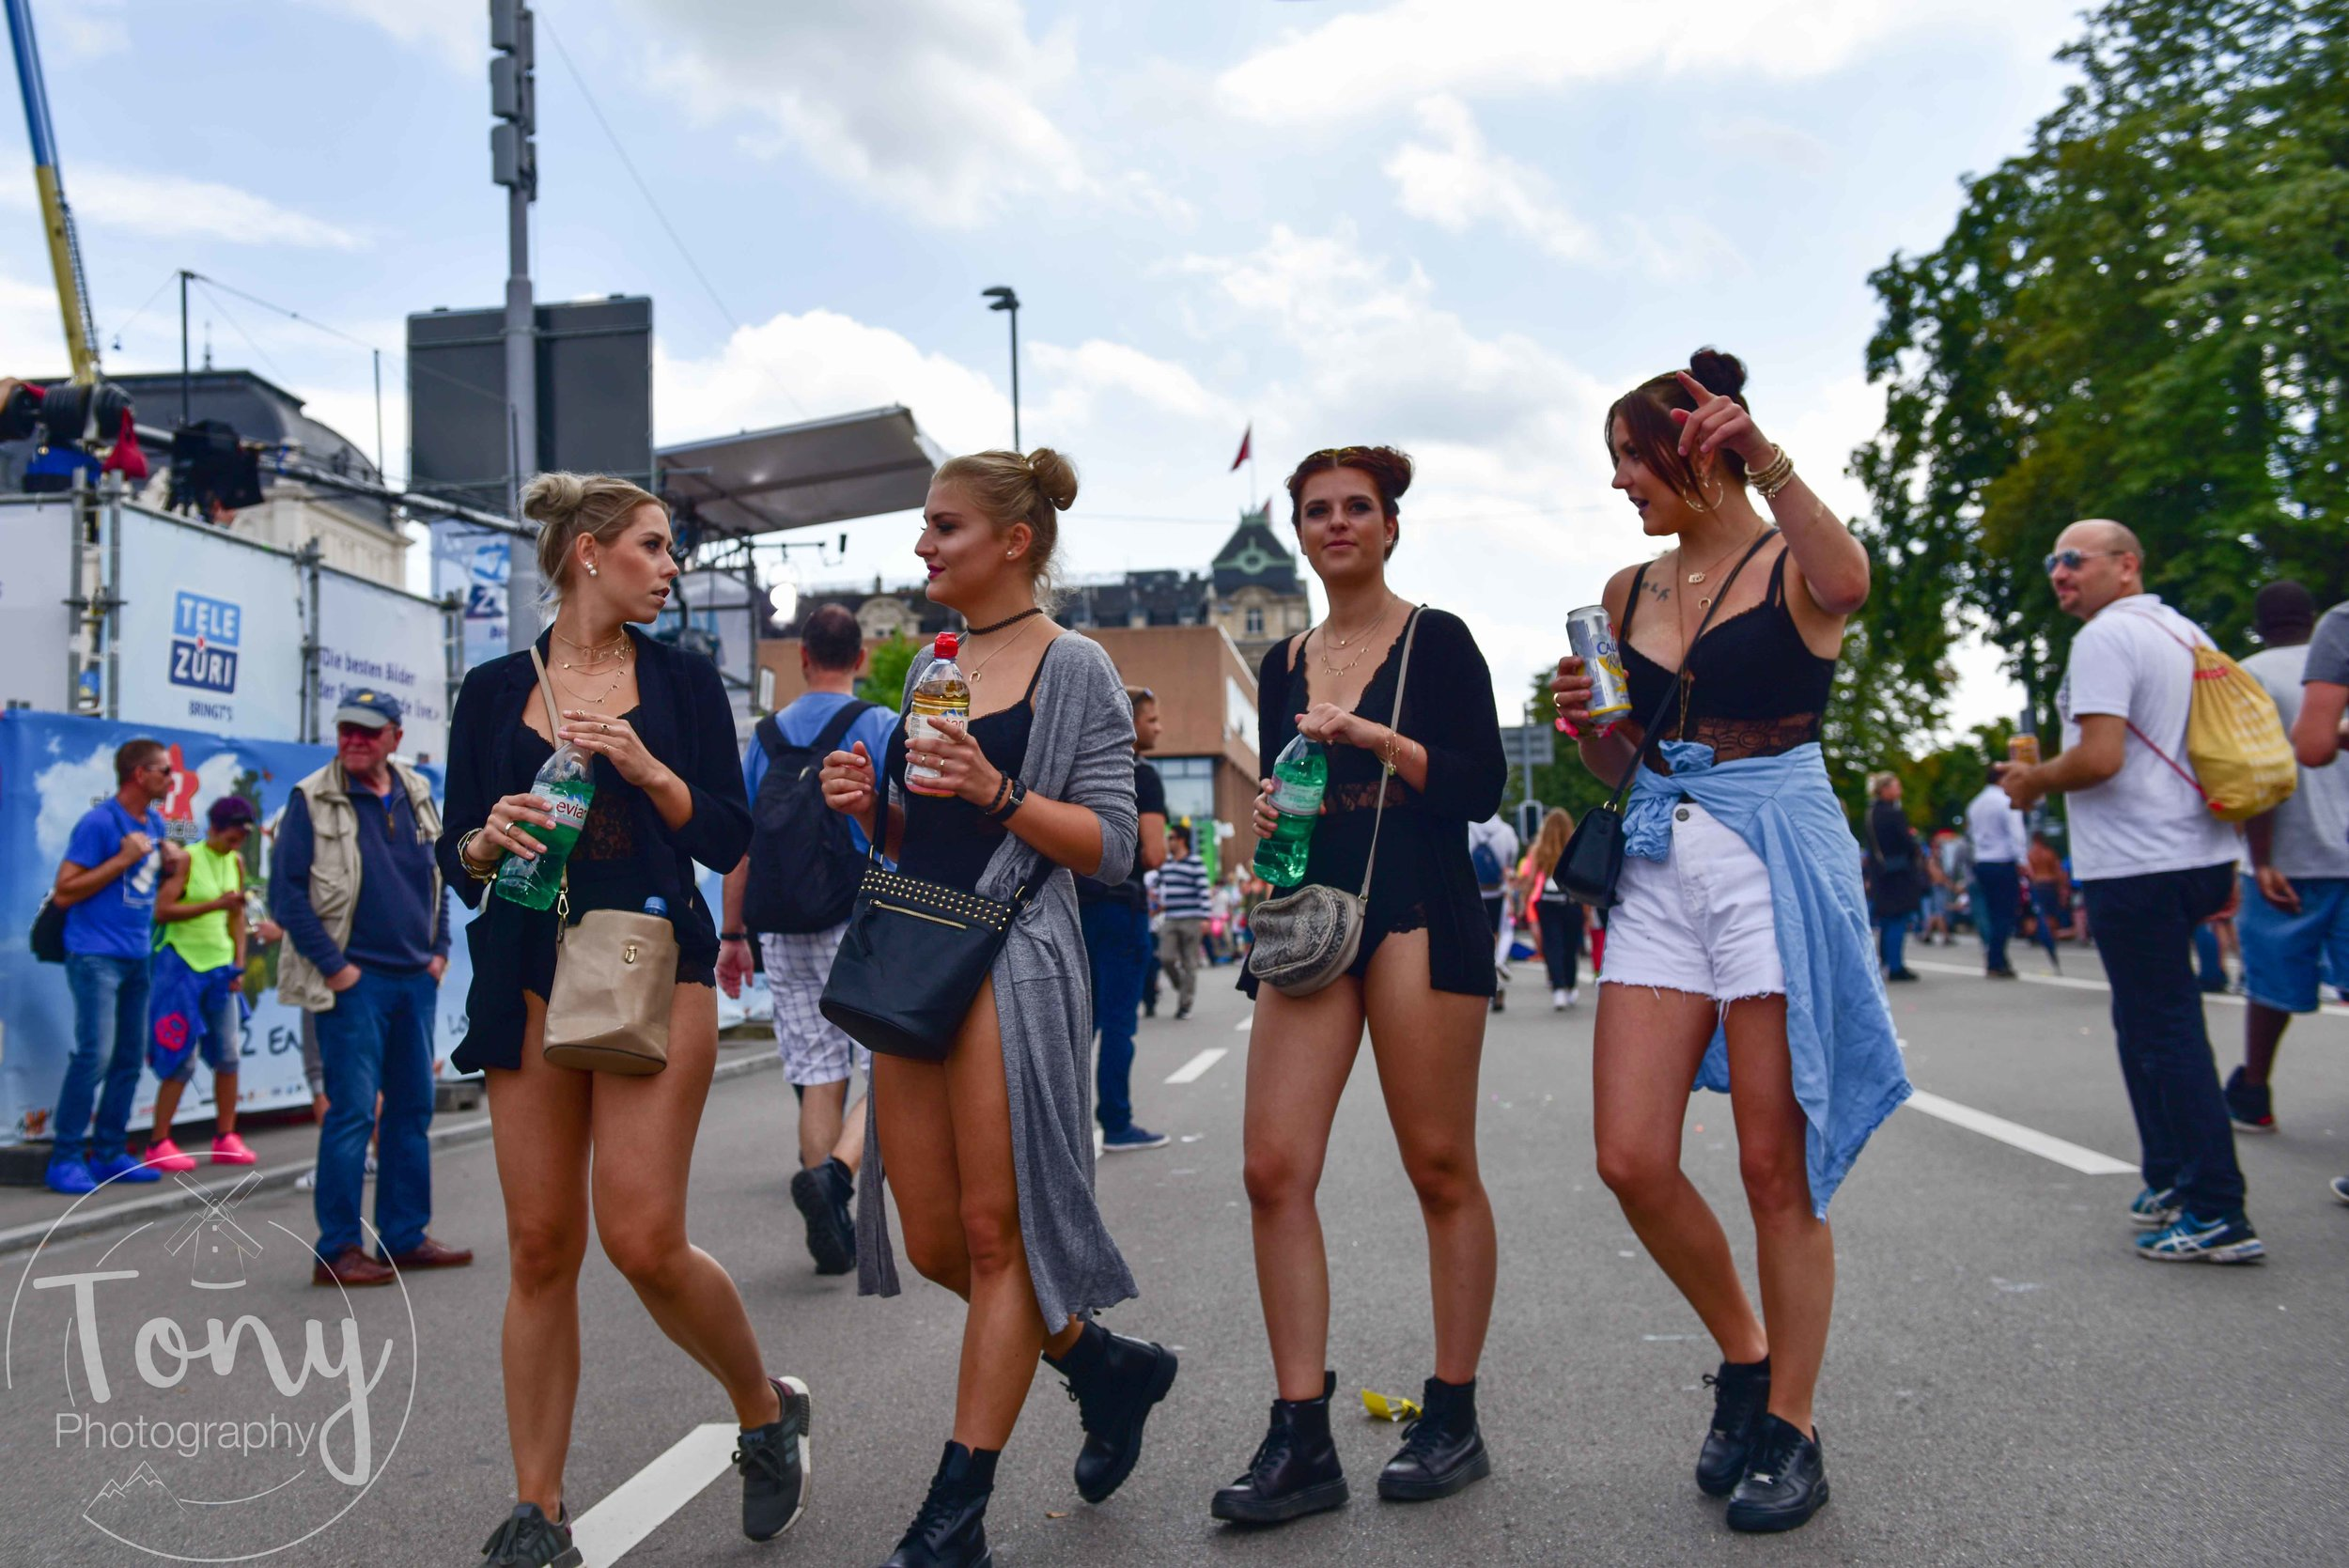 streetparade-8.jpg